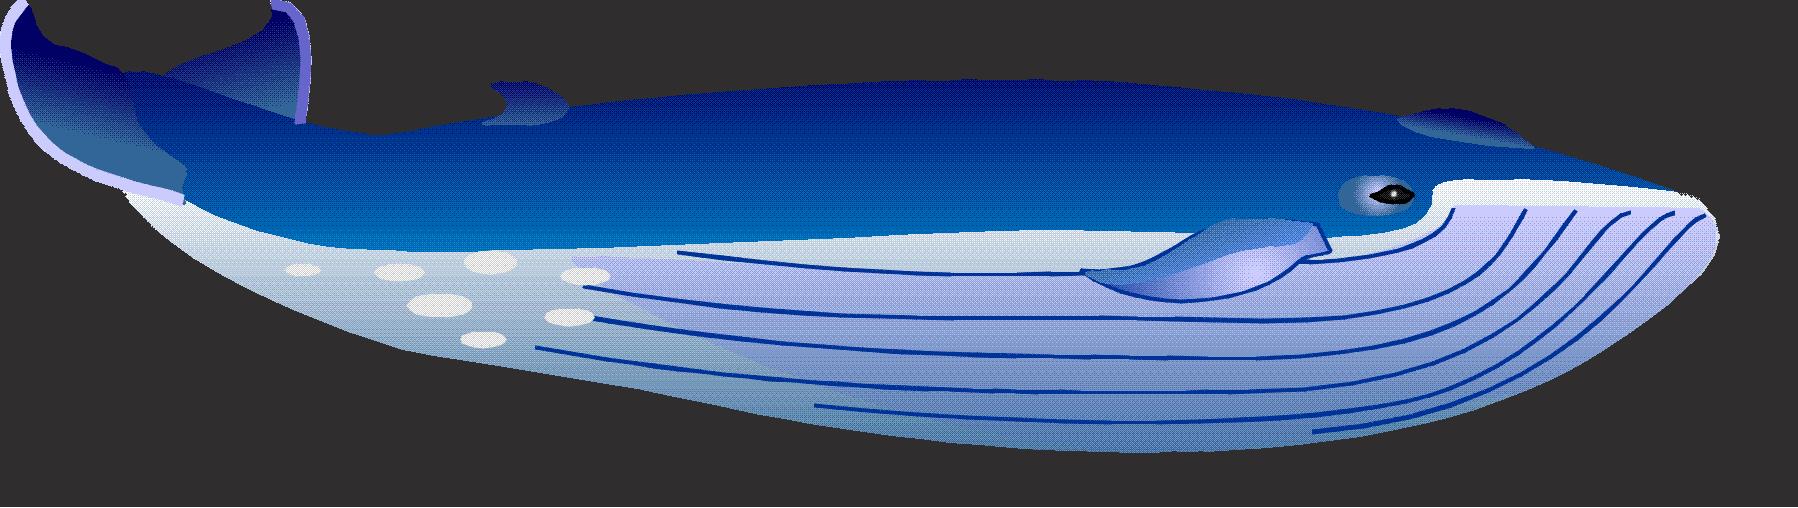 Watersportbedrijf Moby Dick